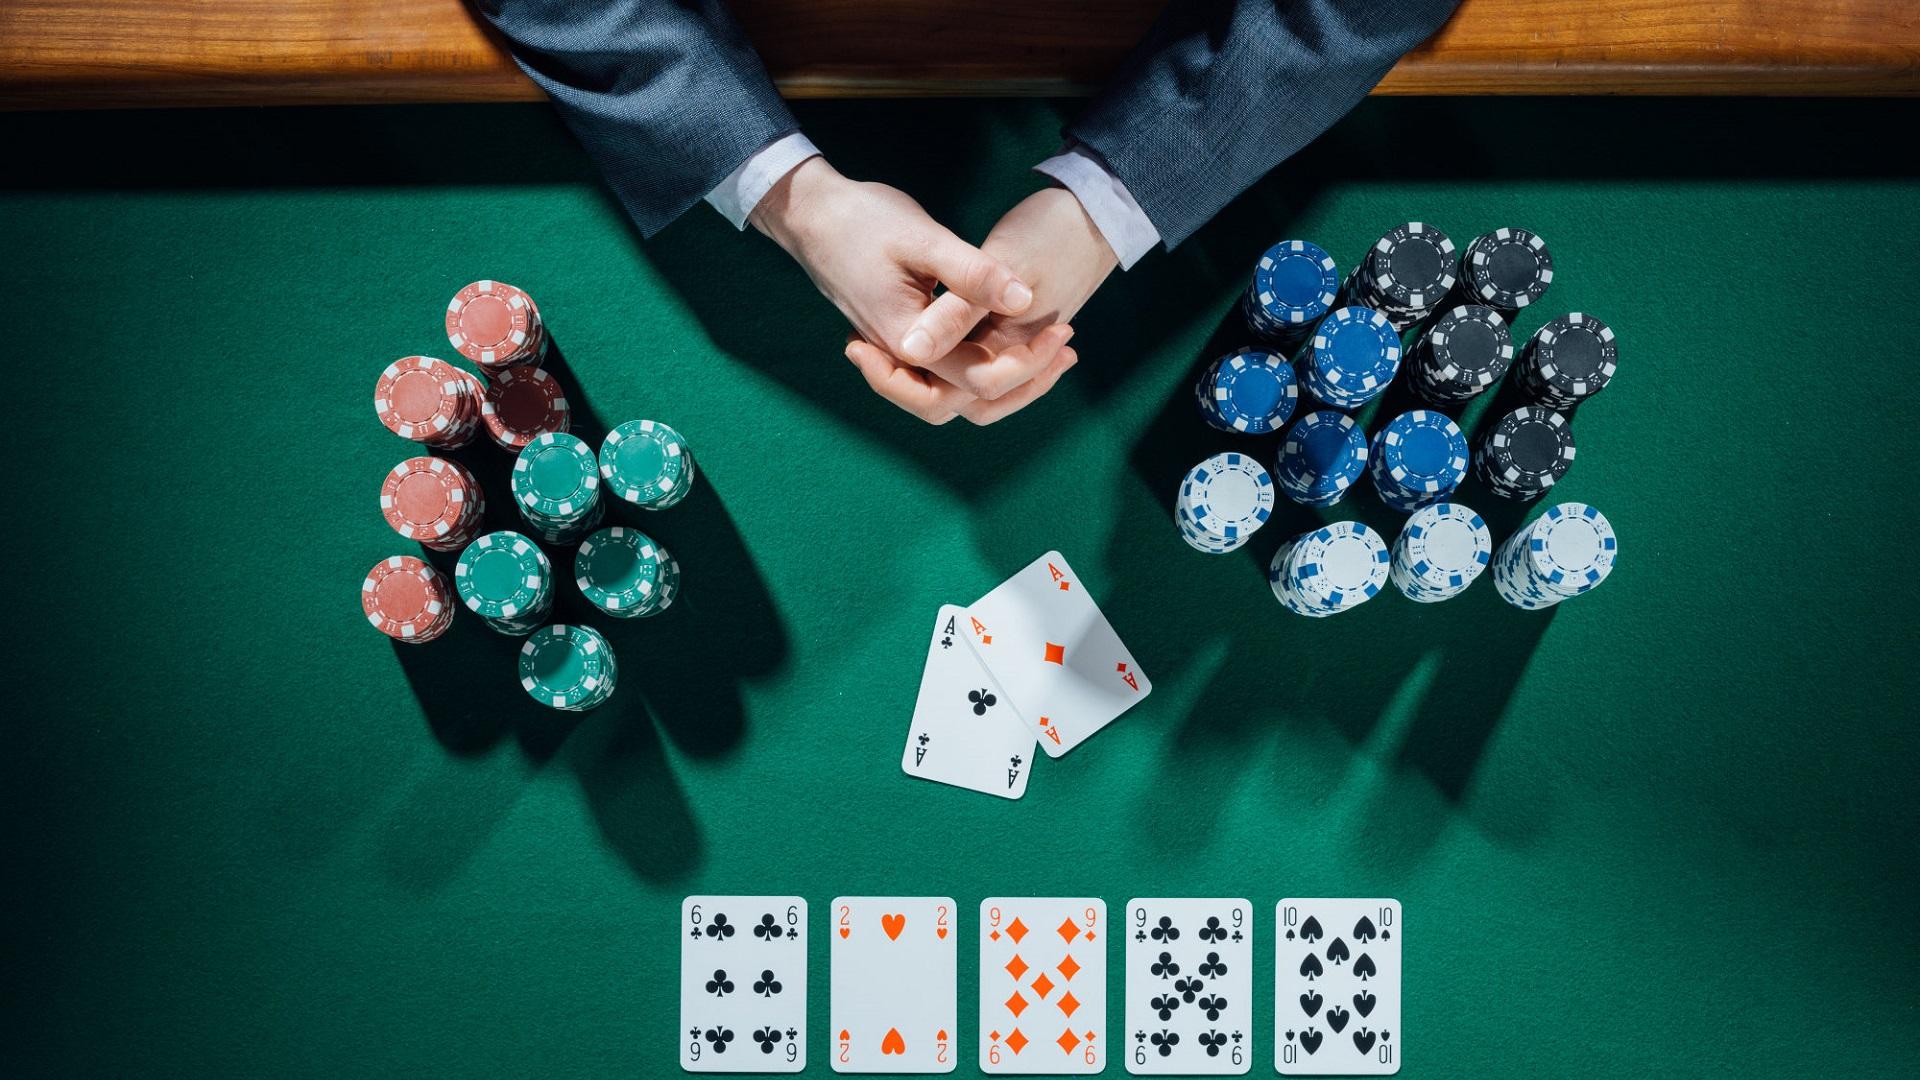 Tehnik Menaikan Peluang Kemenangan Bermain Poker Online Indonesia